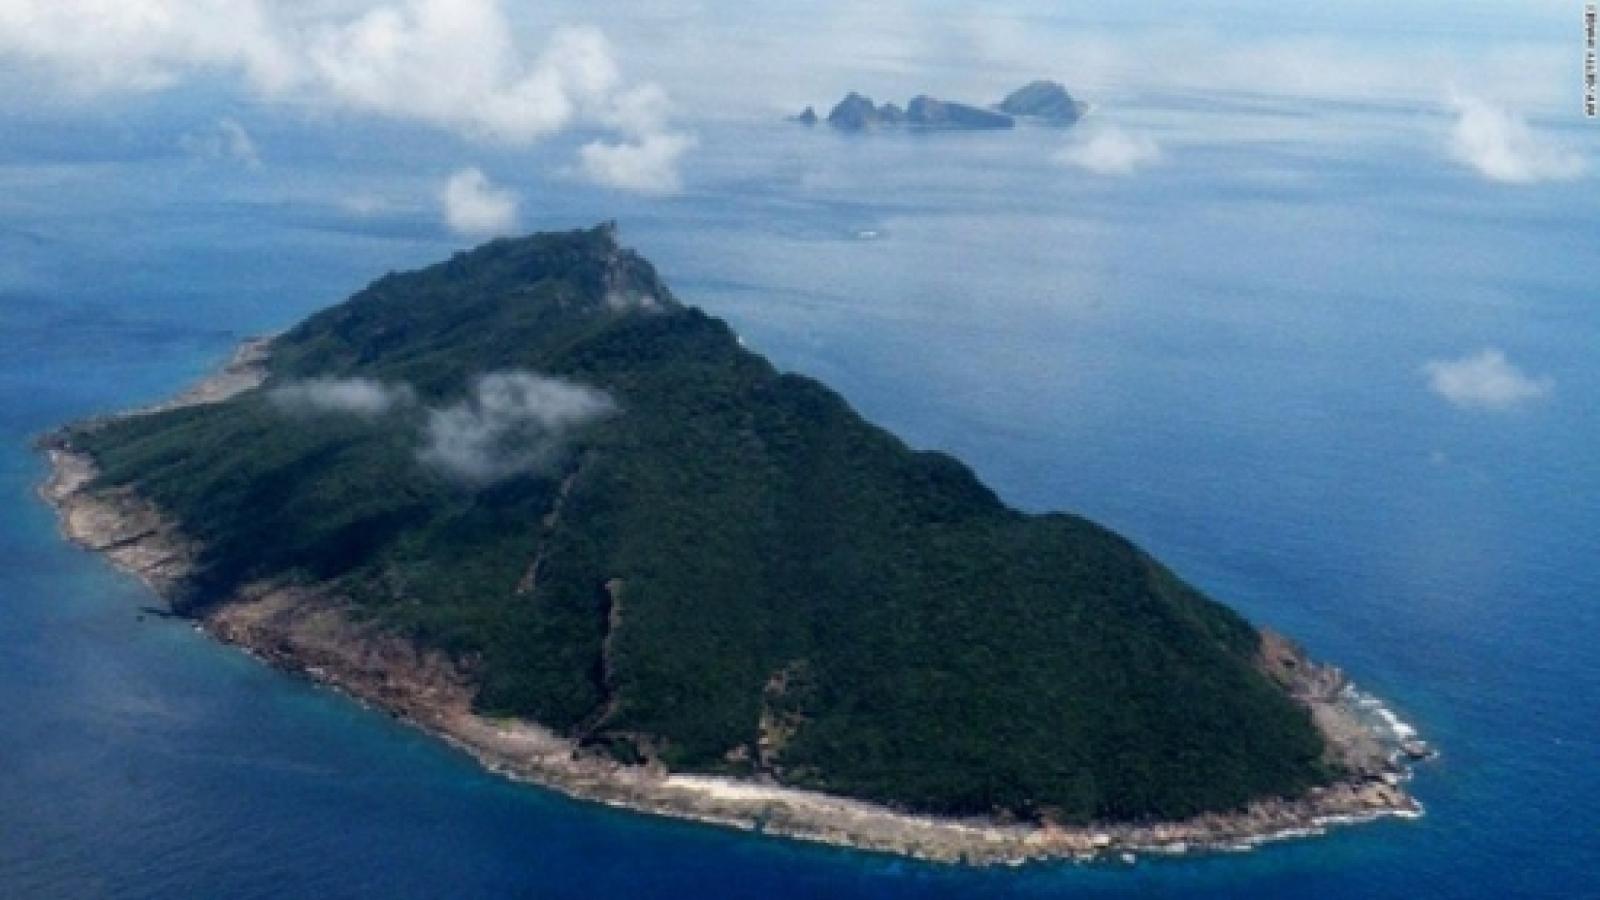 Lầu Năm Góc tuyên bố ủng hộ Nhật Bản về vấn đề quần đảo tranh chấp với Trung Quốc